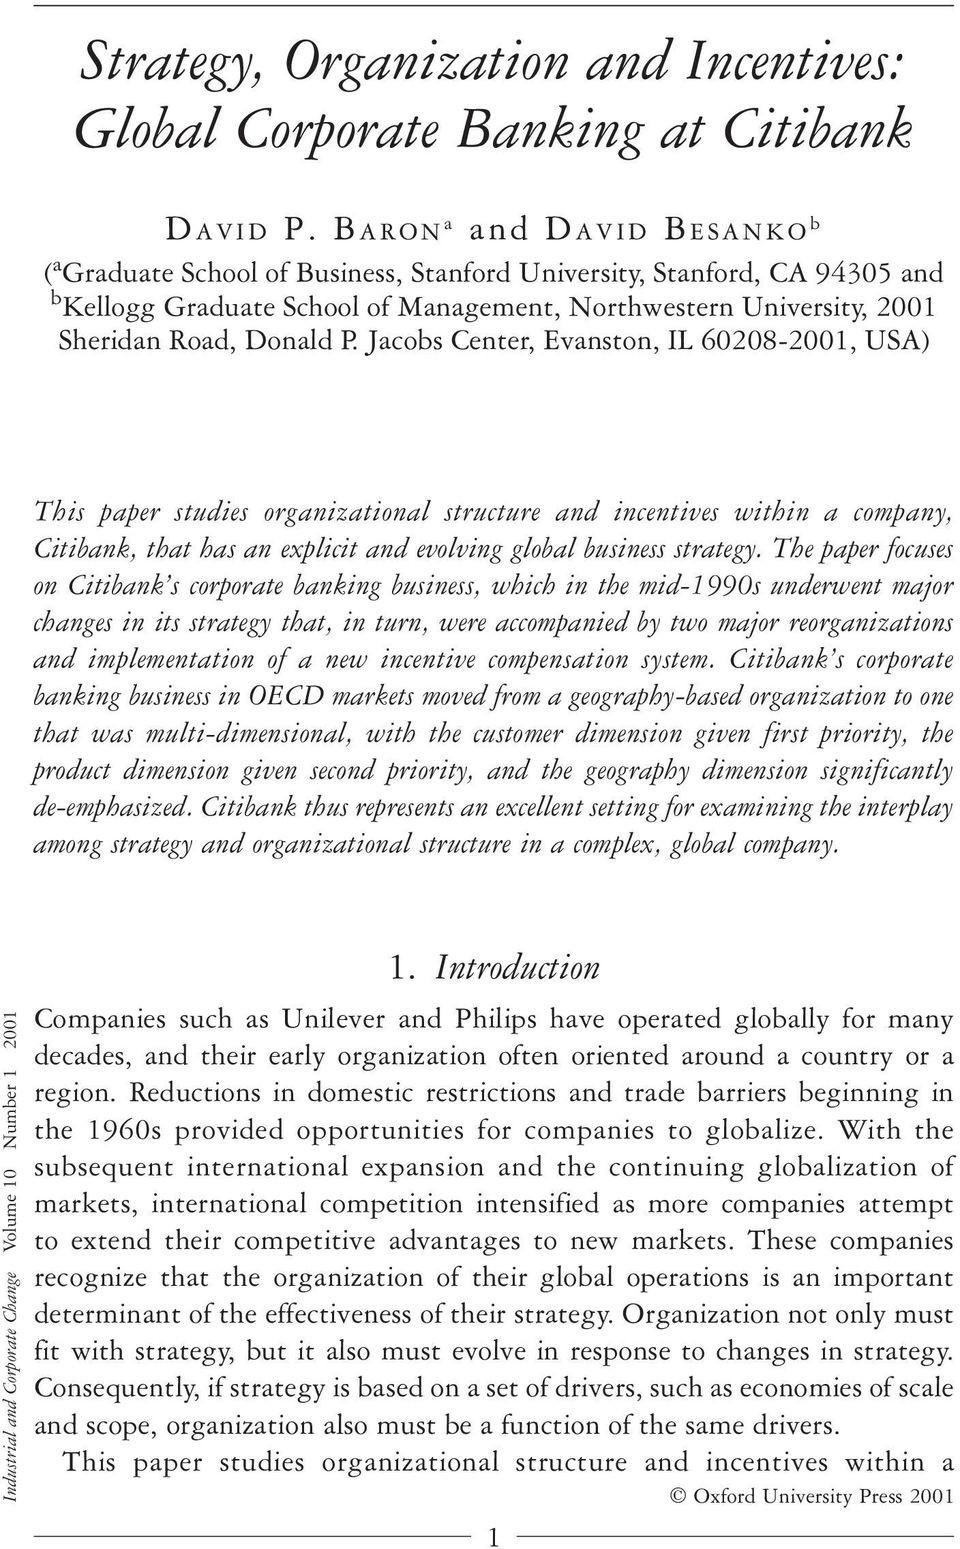 Umi dissertations proquest